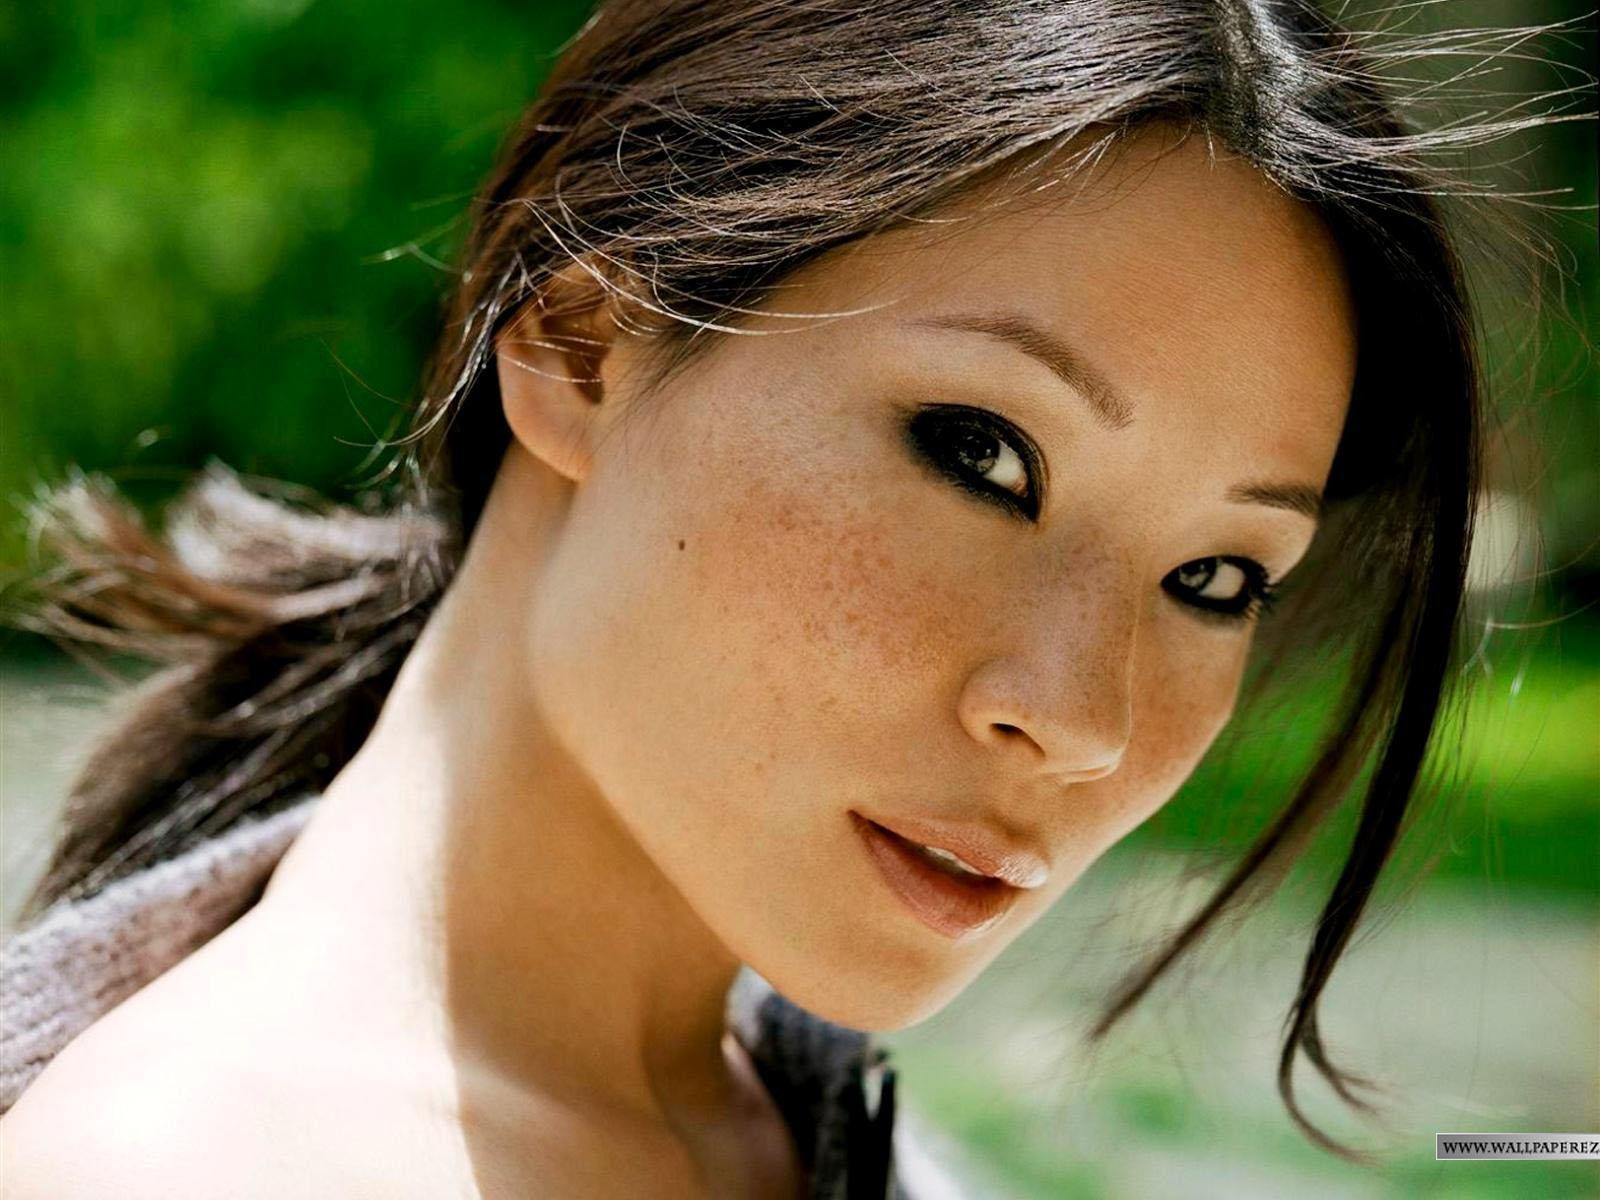 http://3.bp.blogspot.com/_k0qcqtNtpOY/S9DW9KLc_LI/AAAAAAAALcE/iduFqmXsv8g/s1600/Lucy-Liu-109.jpg